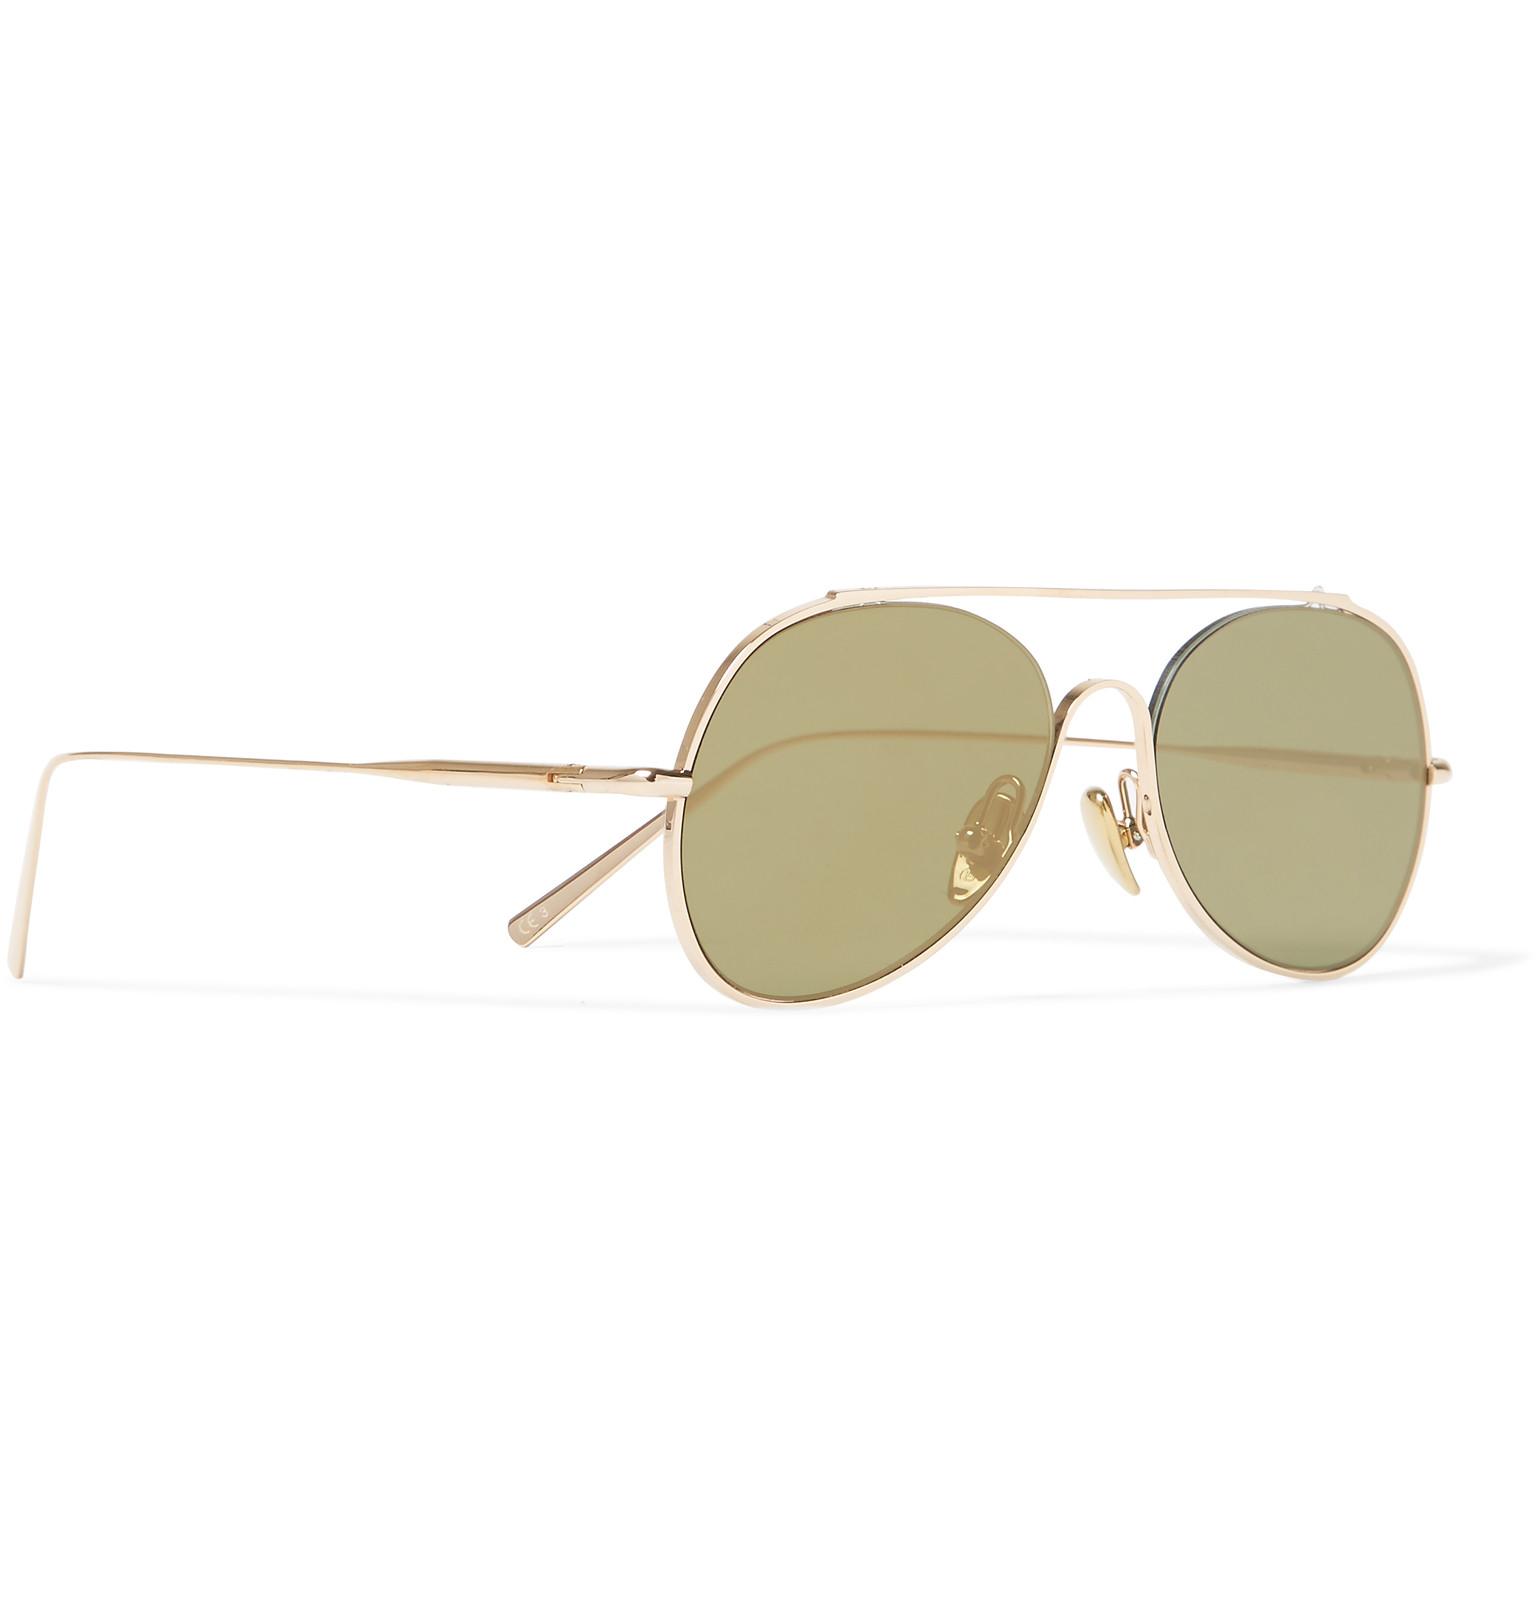 In Style Tone Gold Sunglasses Aviator Studios Spitfire Acne Small xwqT8p1